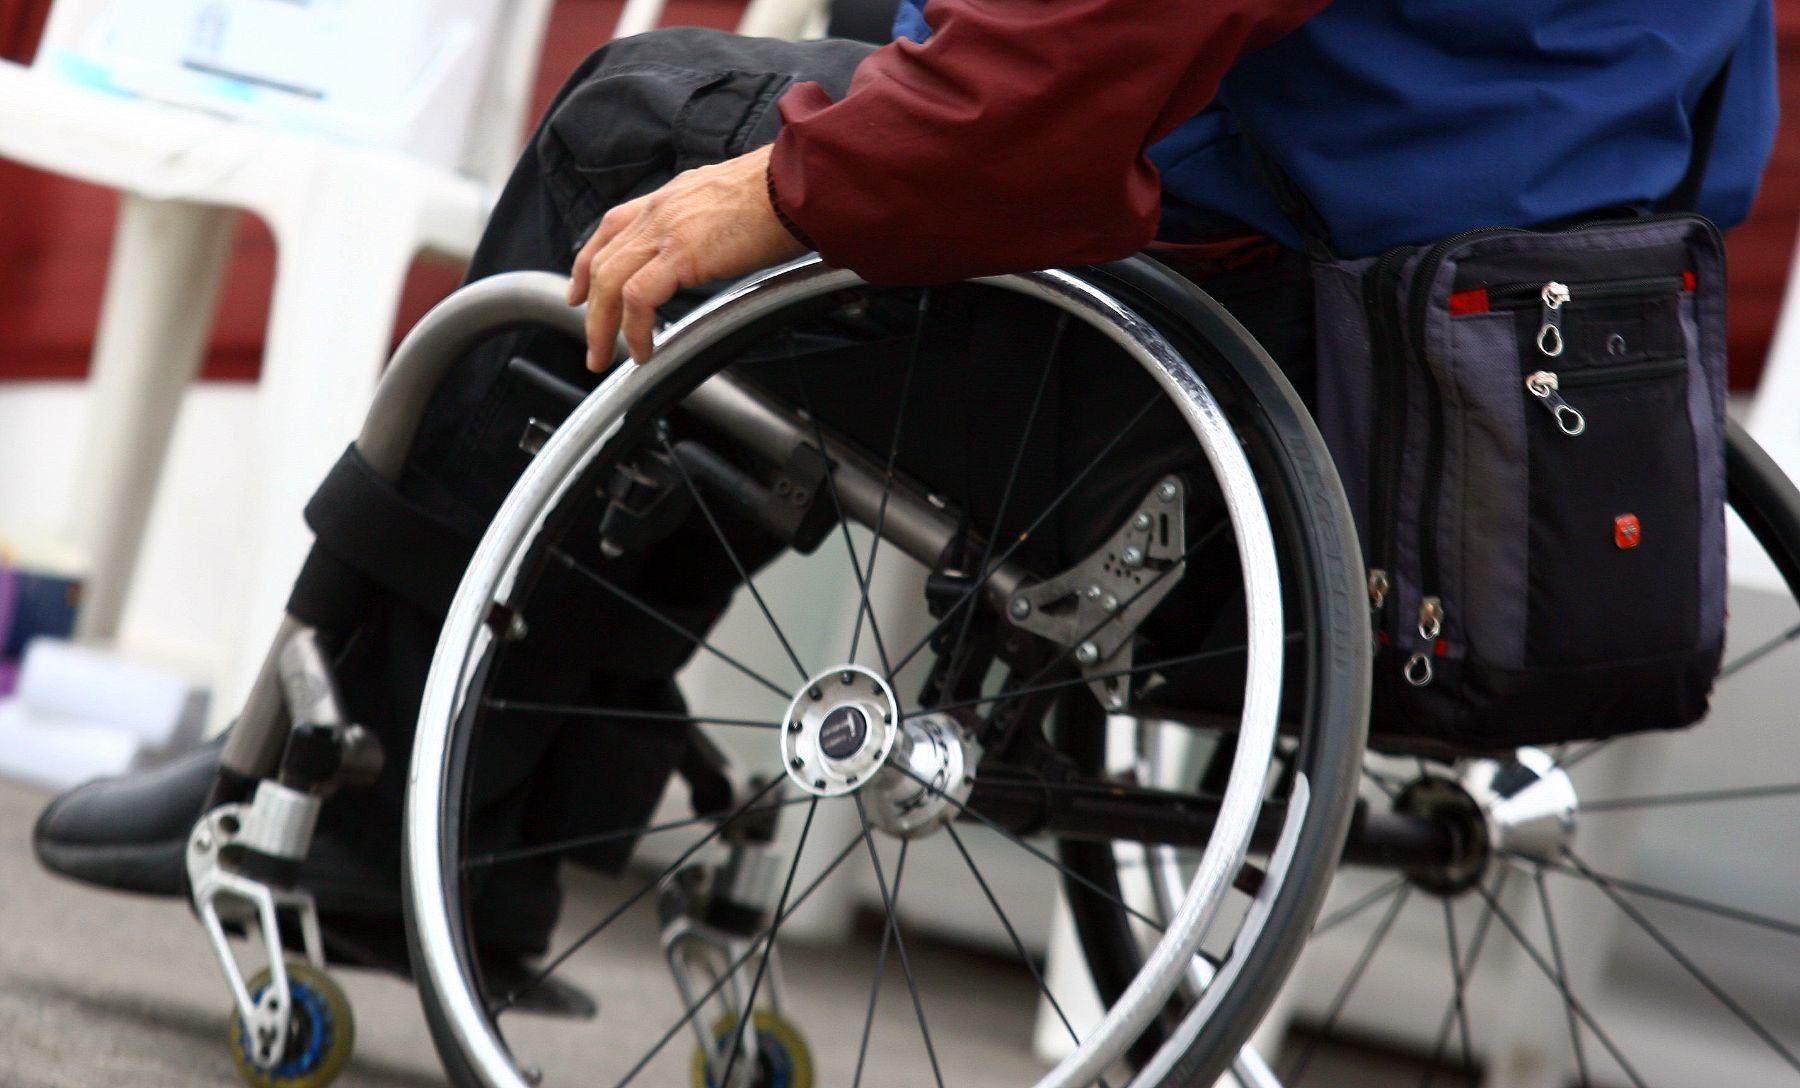 En un centro de discapacitados de Sagamihara un hombre acuchilló a varios internos, dejando hasta 45 heridos